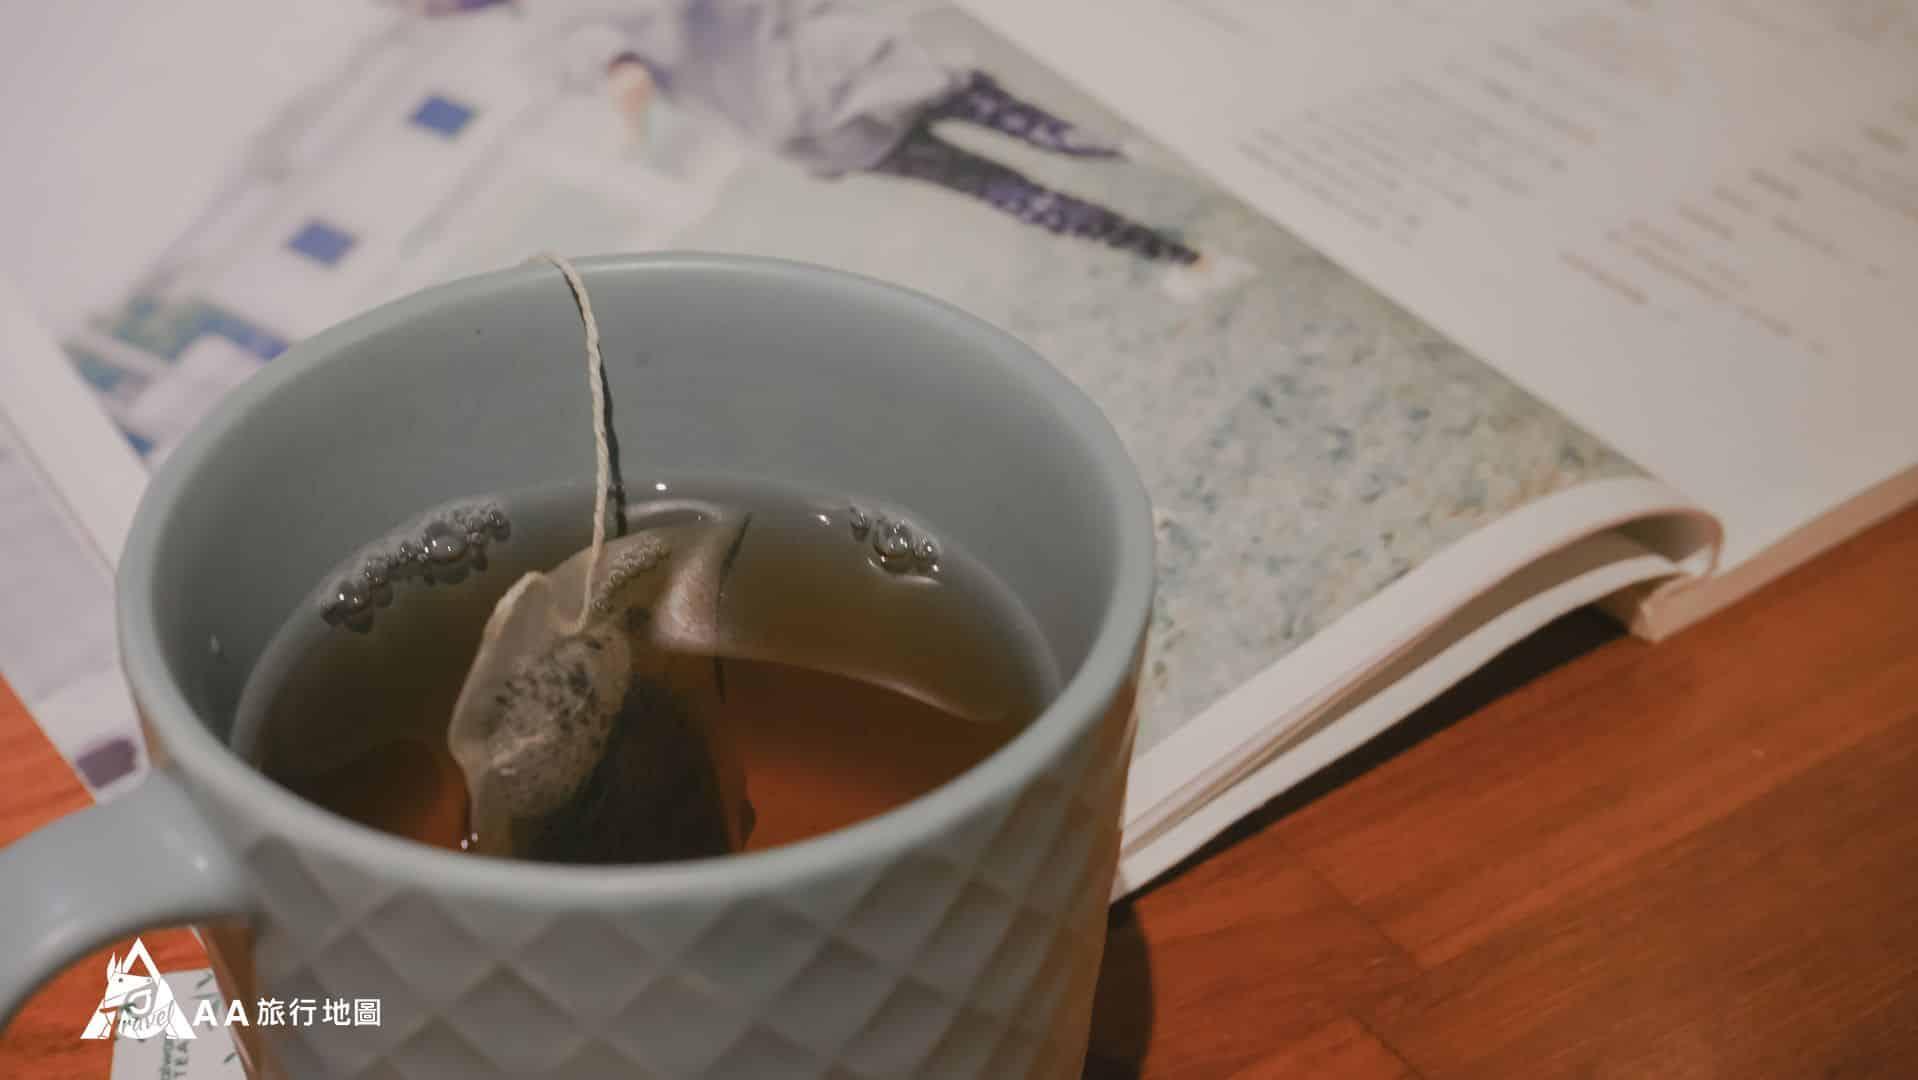 鳳凰亭序 這邊附的沙里仙紅茶泡起來真的很好喝